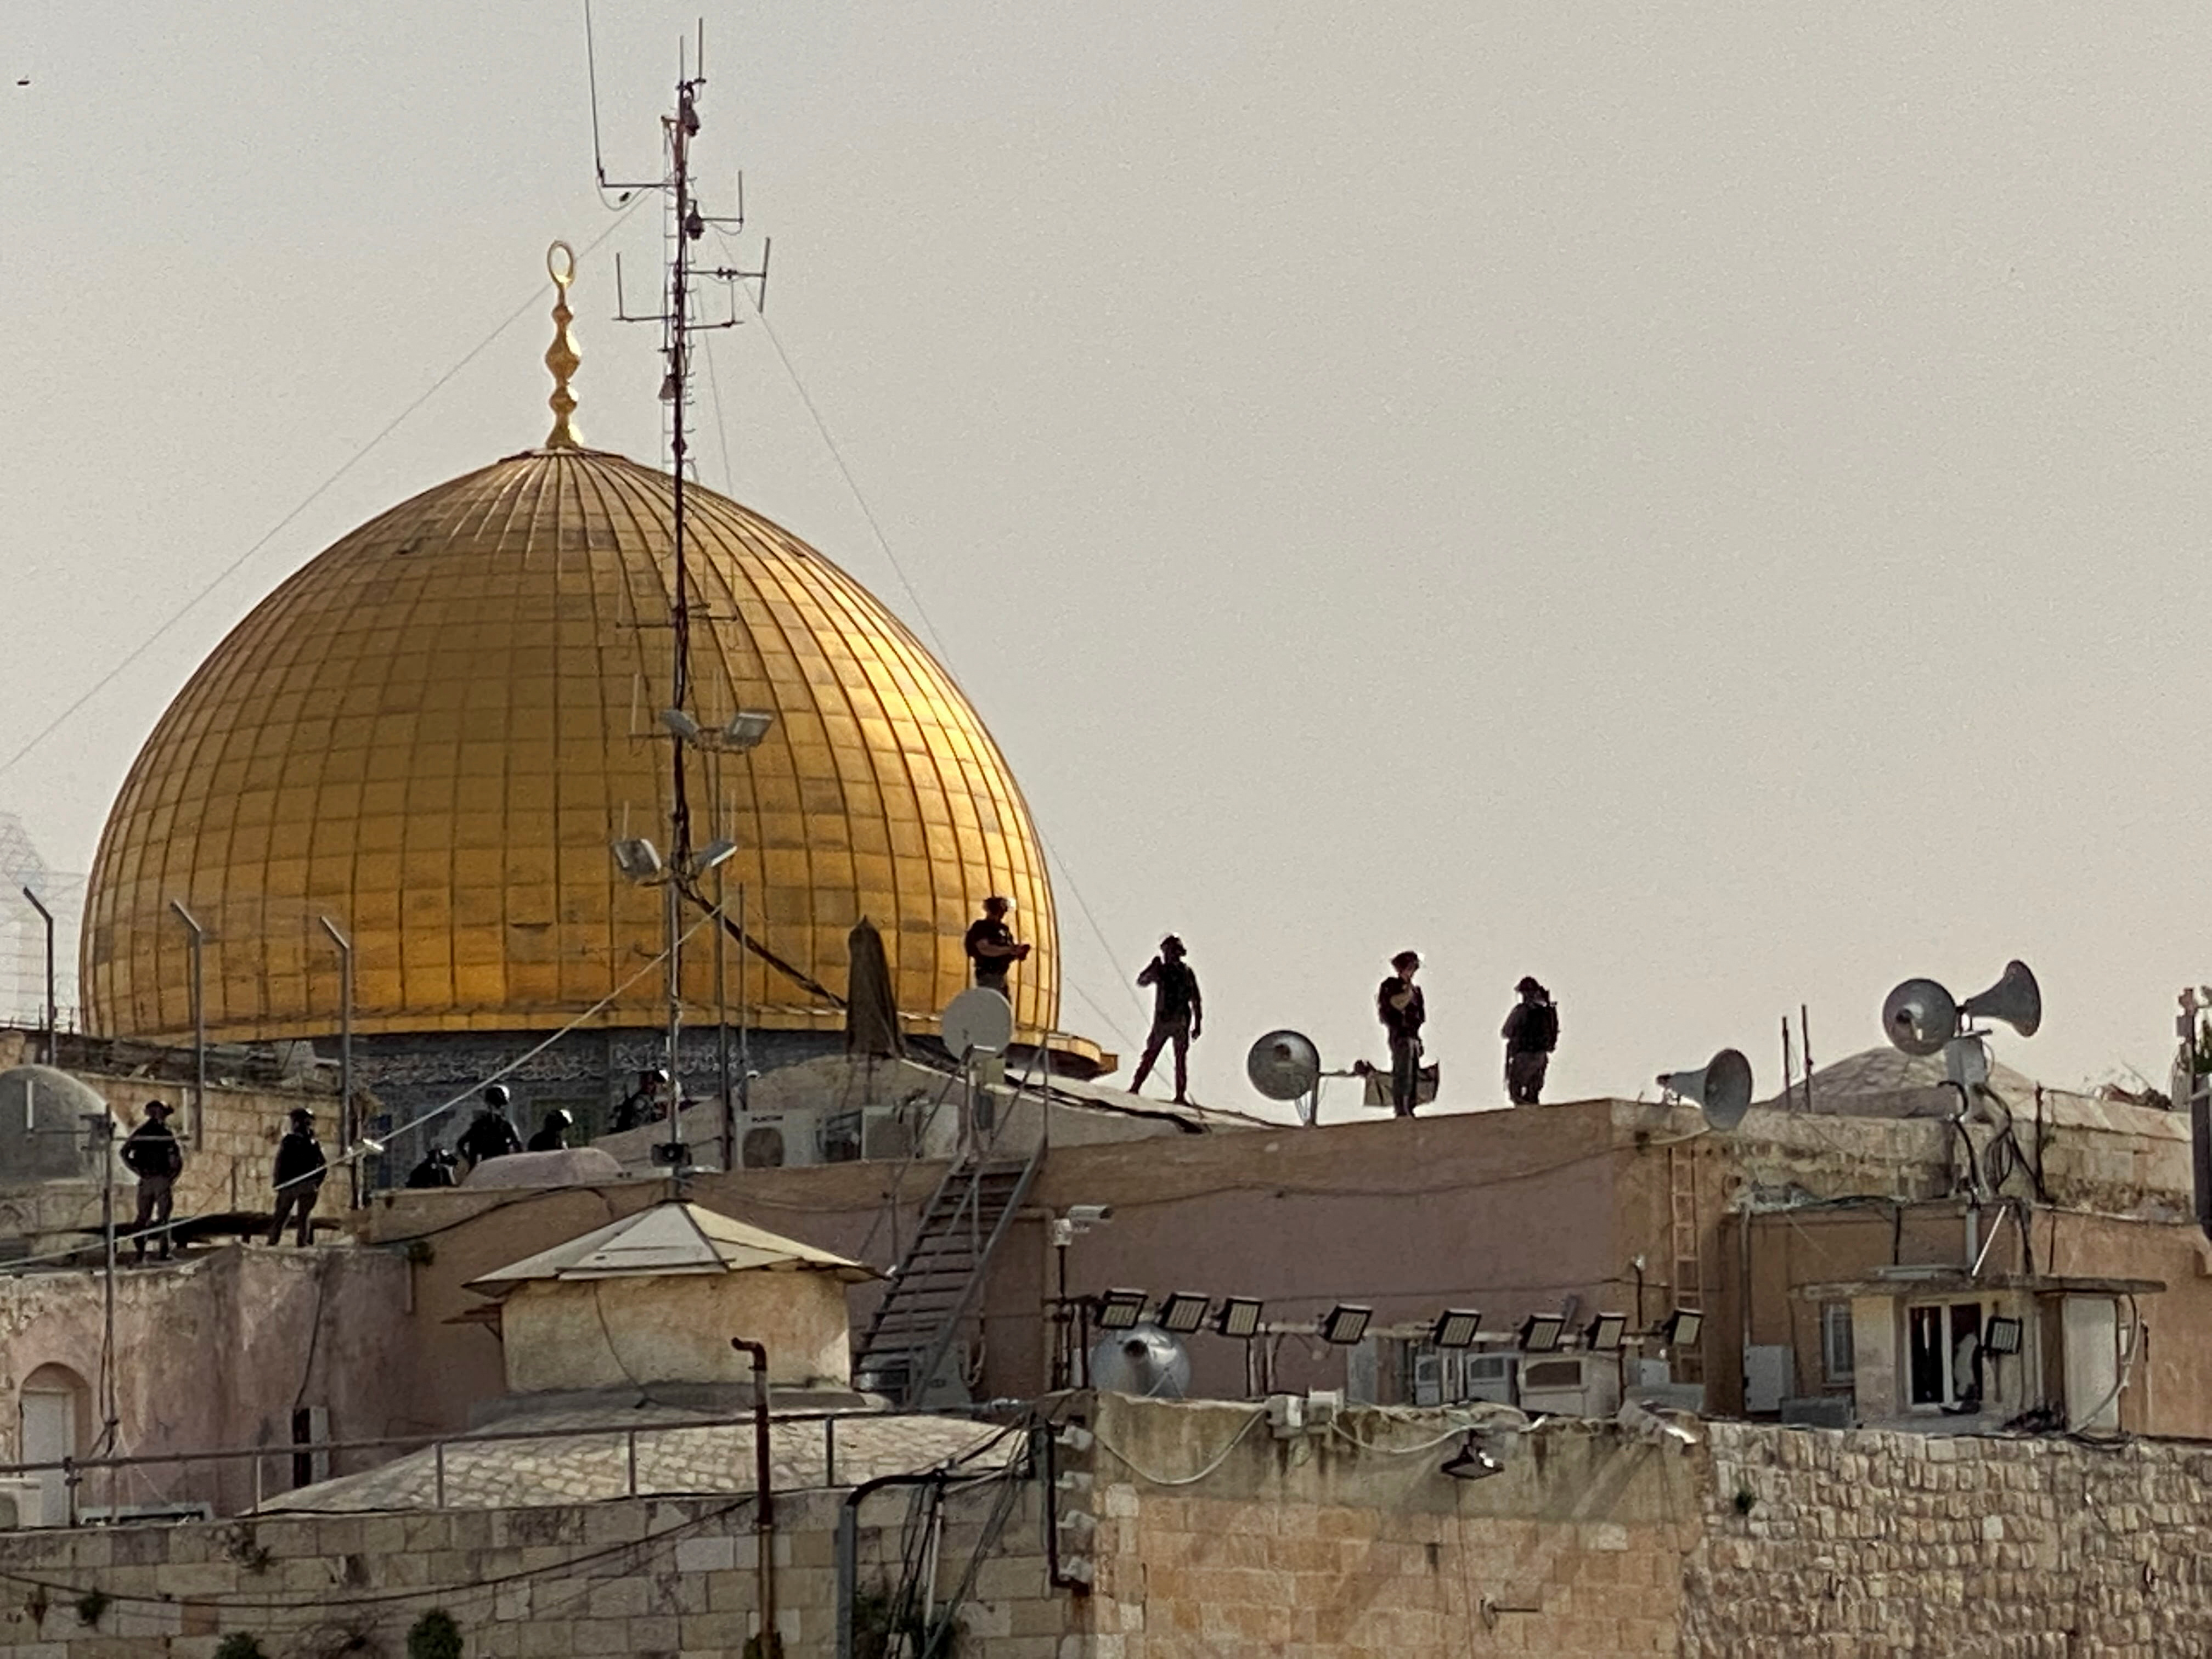 שוטרים משקיפים על הר הבית הבוקר / צילום: Reuters, Ilan Rosenberg